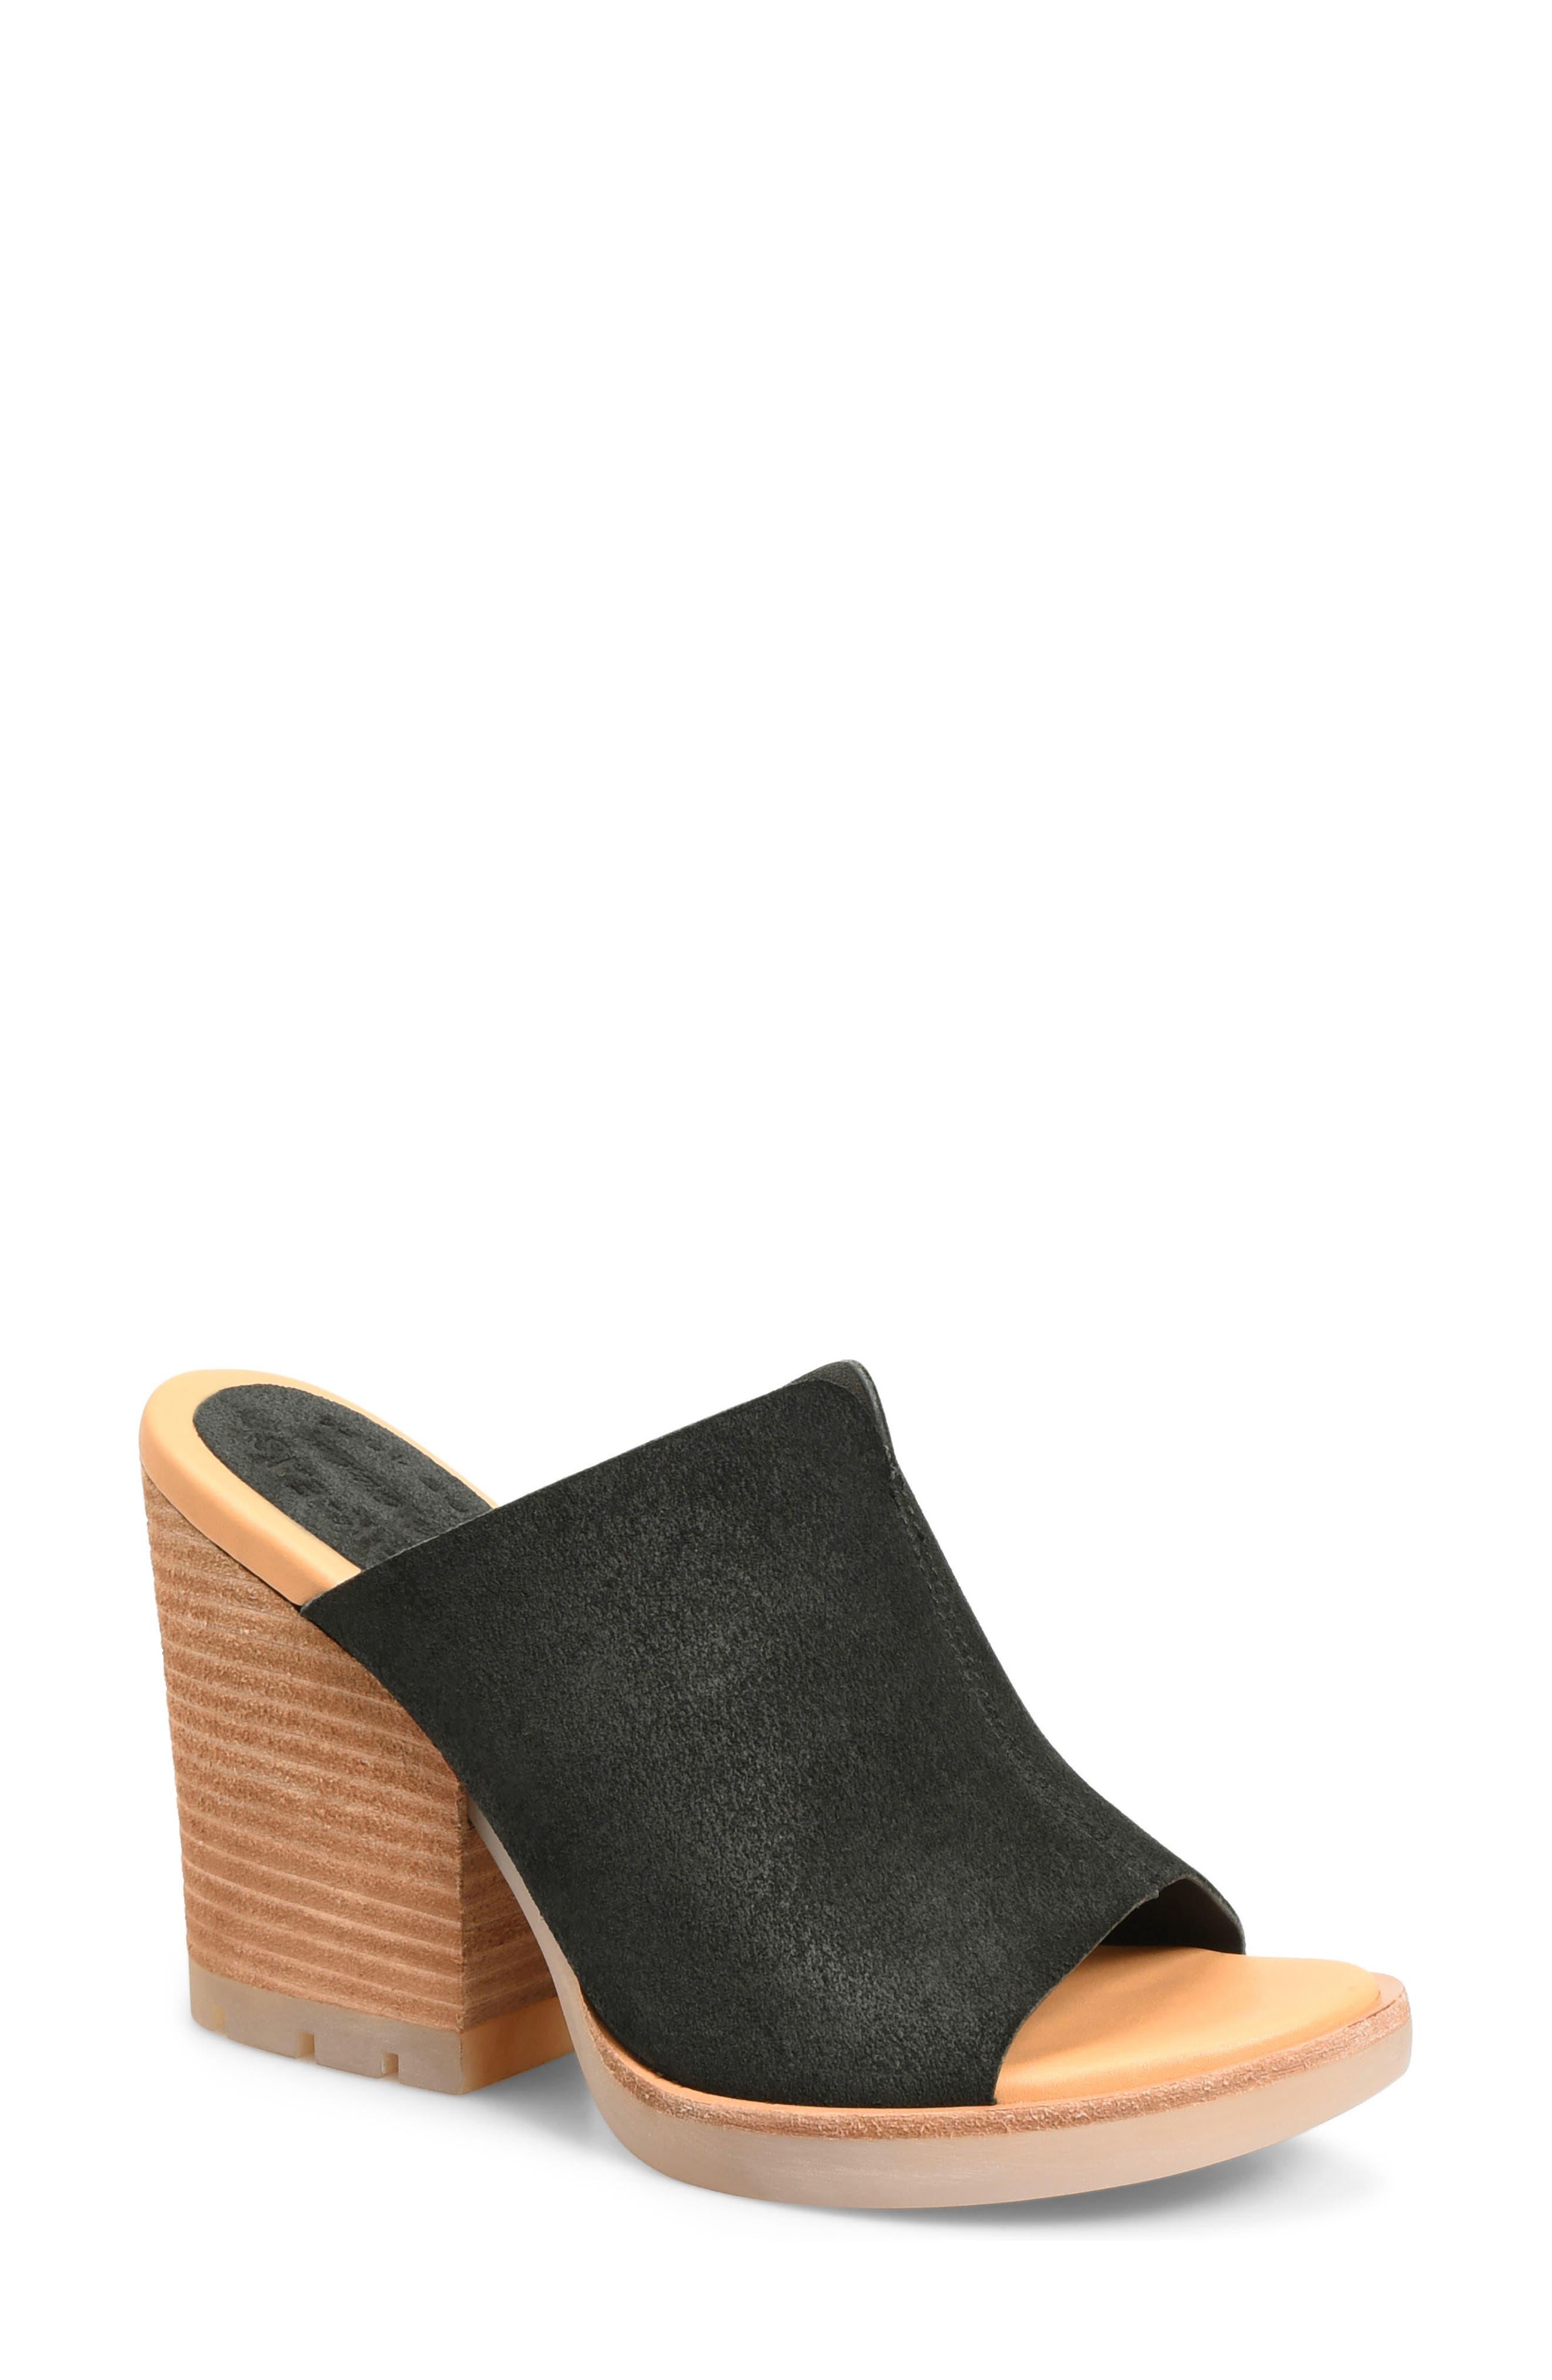 Lawton Sandal,                         Main,                         color, Black Suede